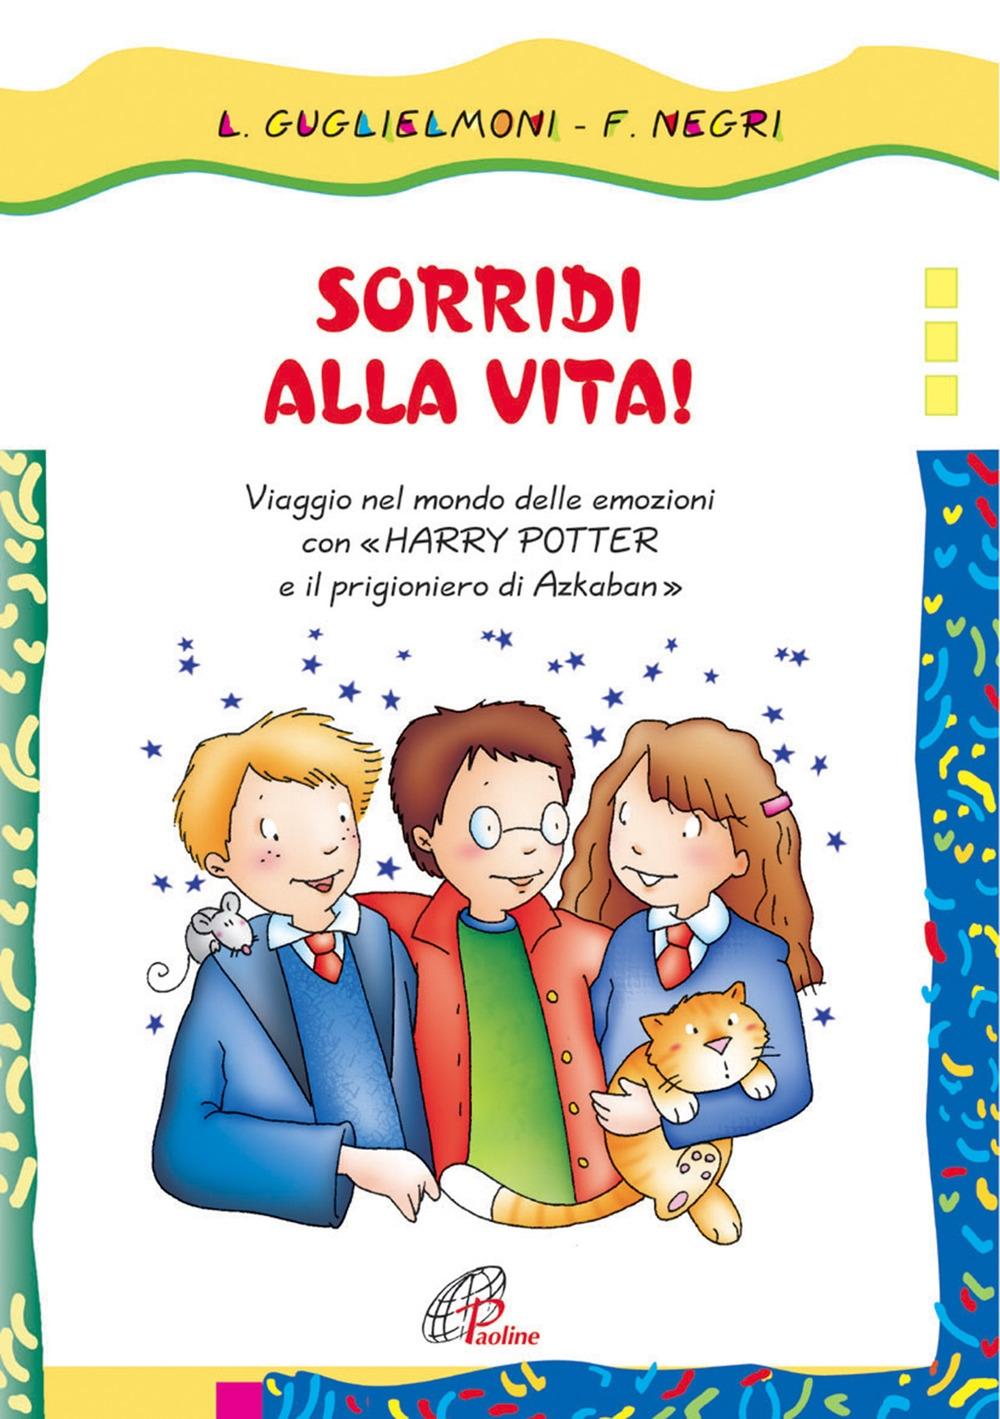 Sorridi alla vita! Viaggio nel mondo delle emozioni con Harry Potter e il prigioniero di Azkaban